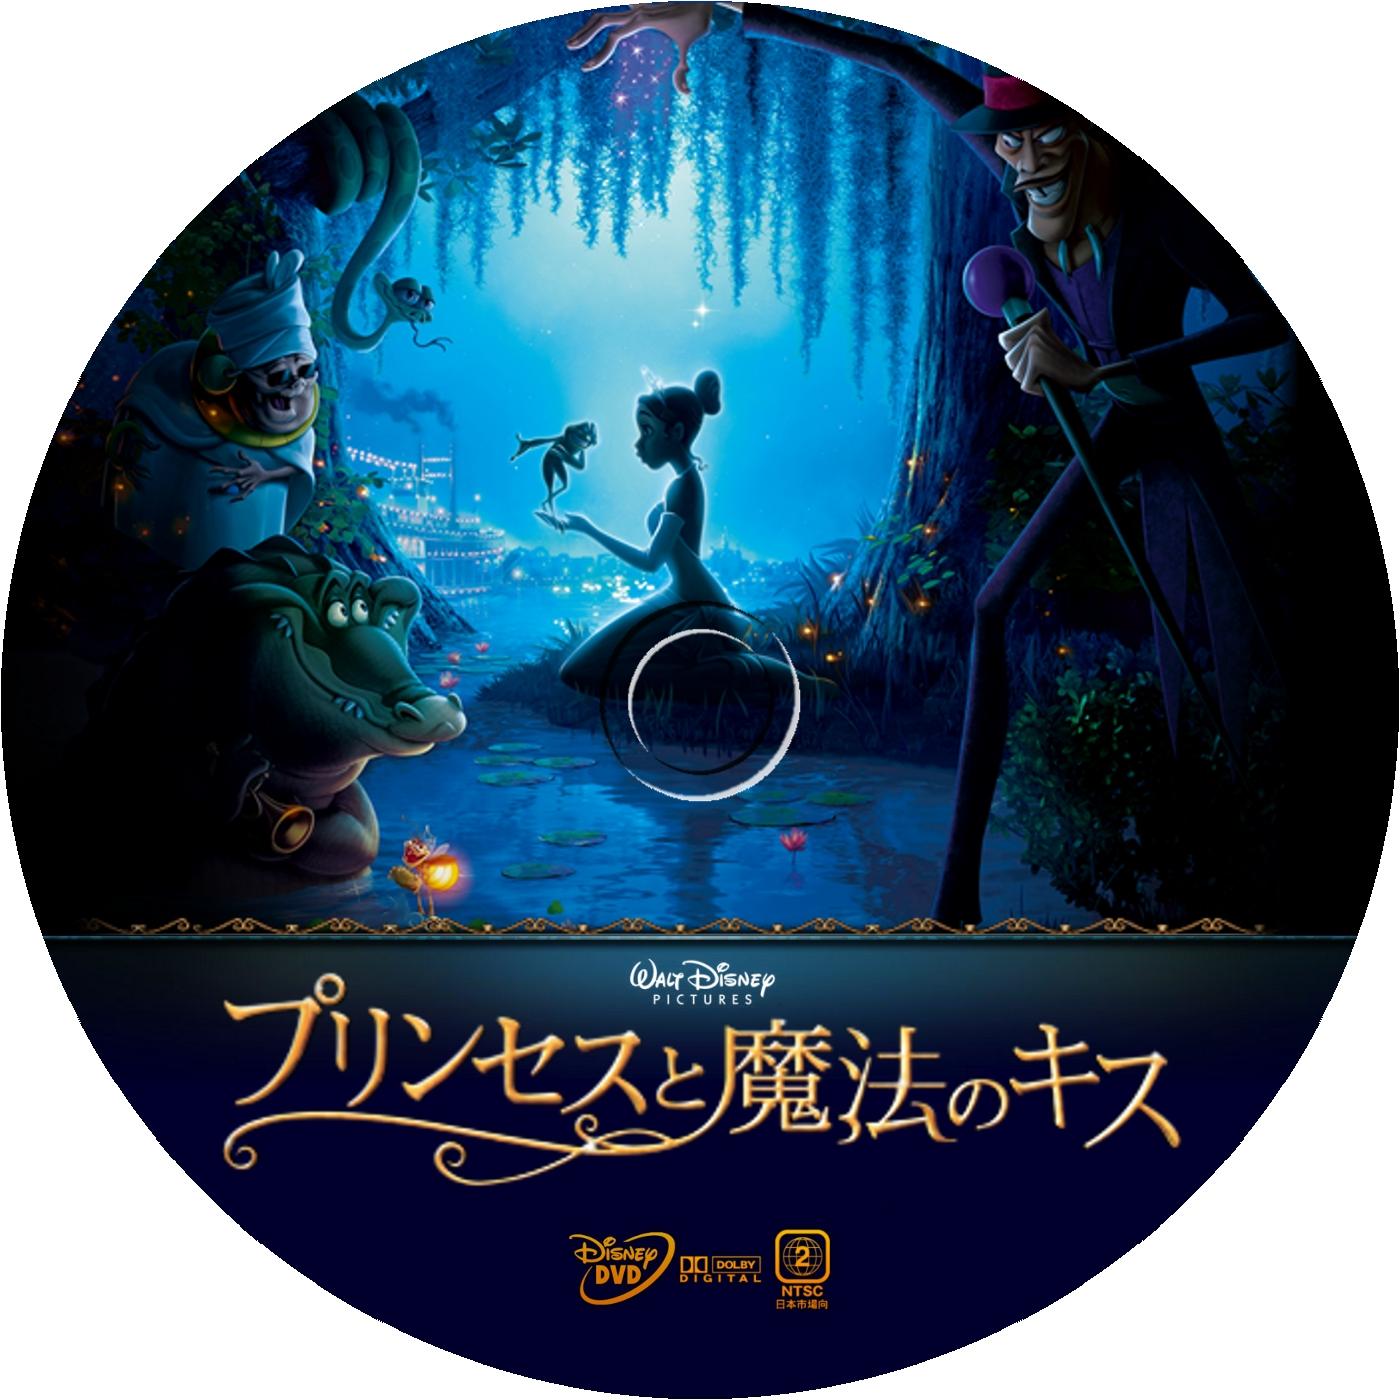 プリンセスと魔法のキスの画像 p1_3